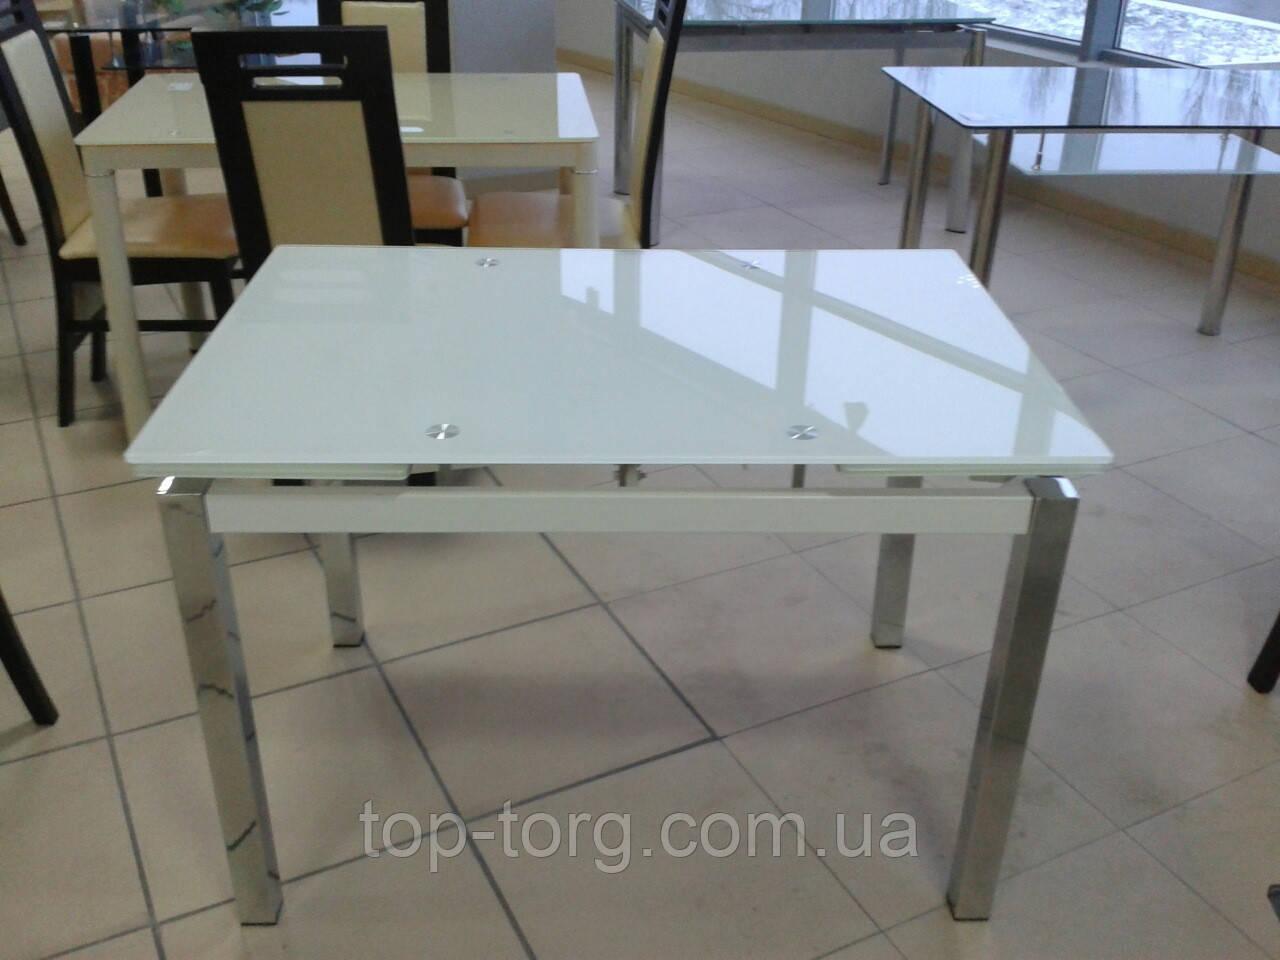 Стол стеклянный ТВ017 ультра белый 1100(+2вставки по 30)х750мм раскладной